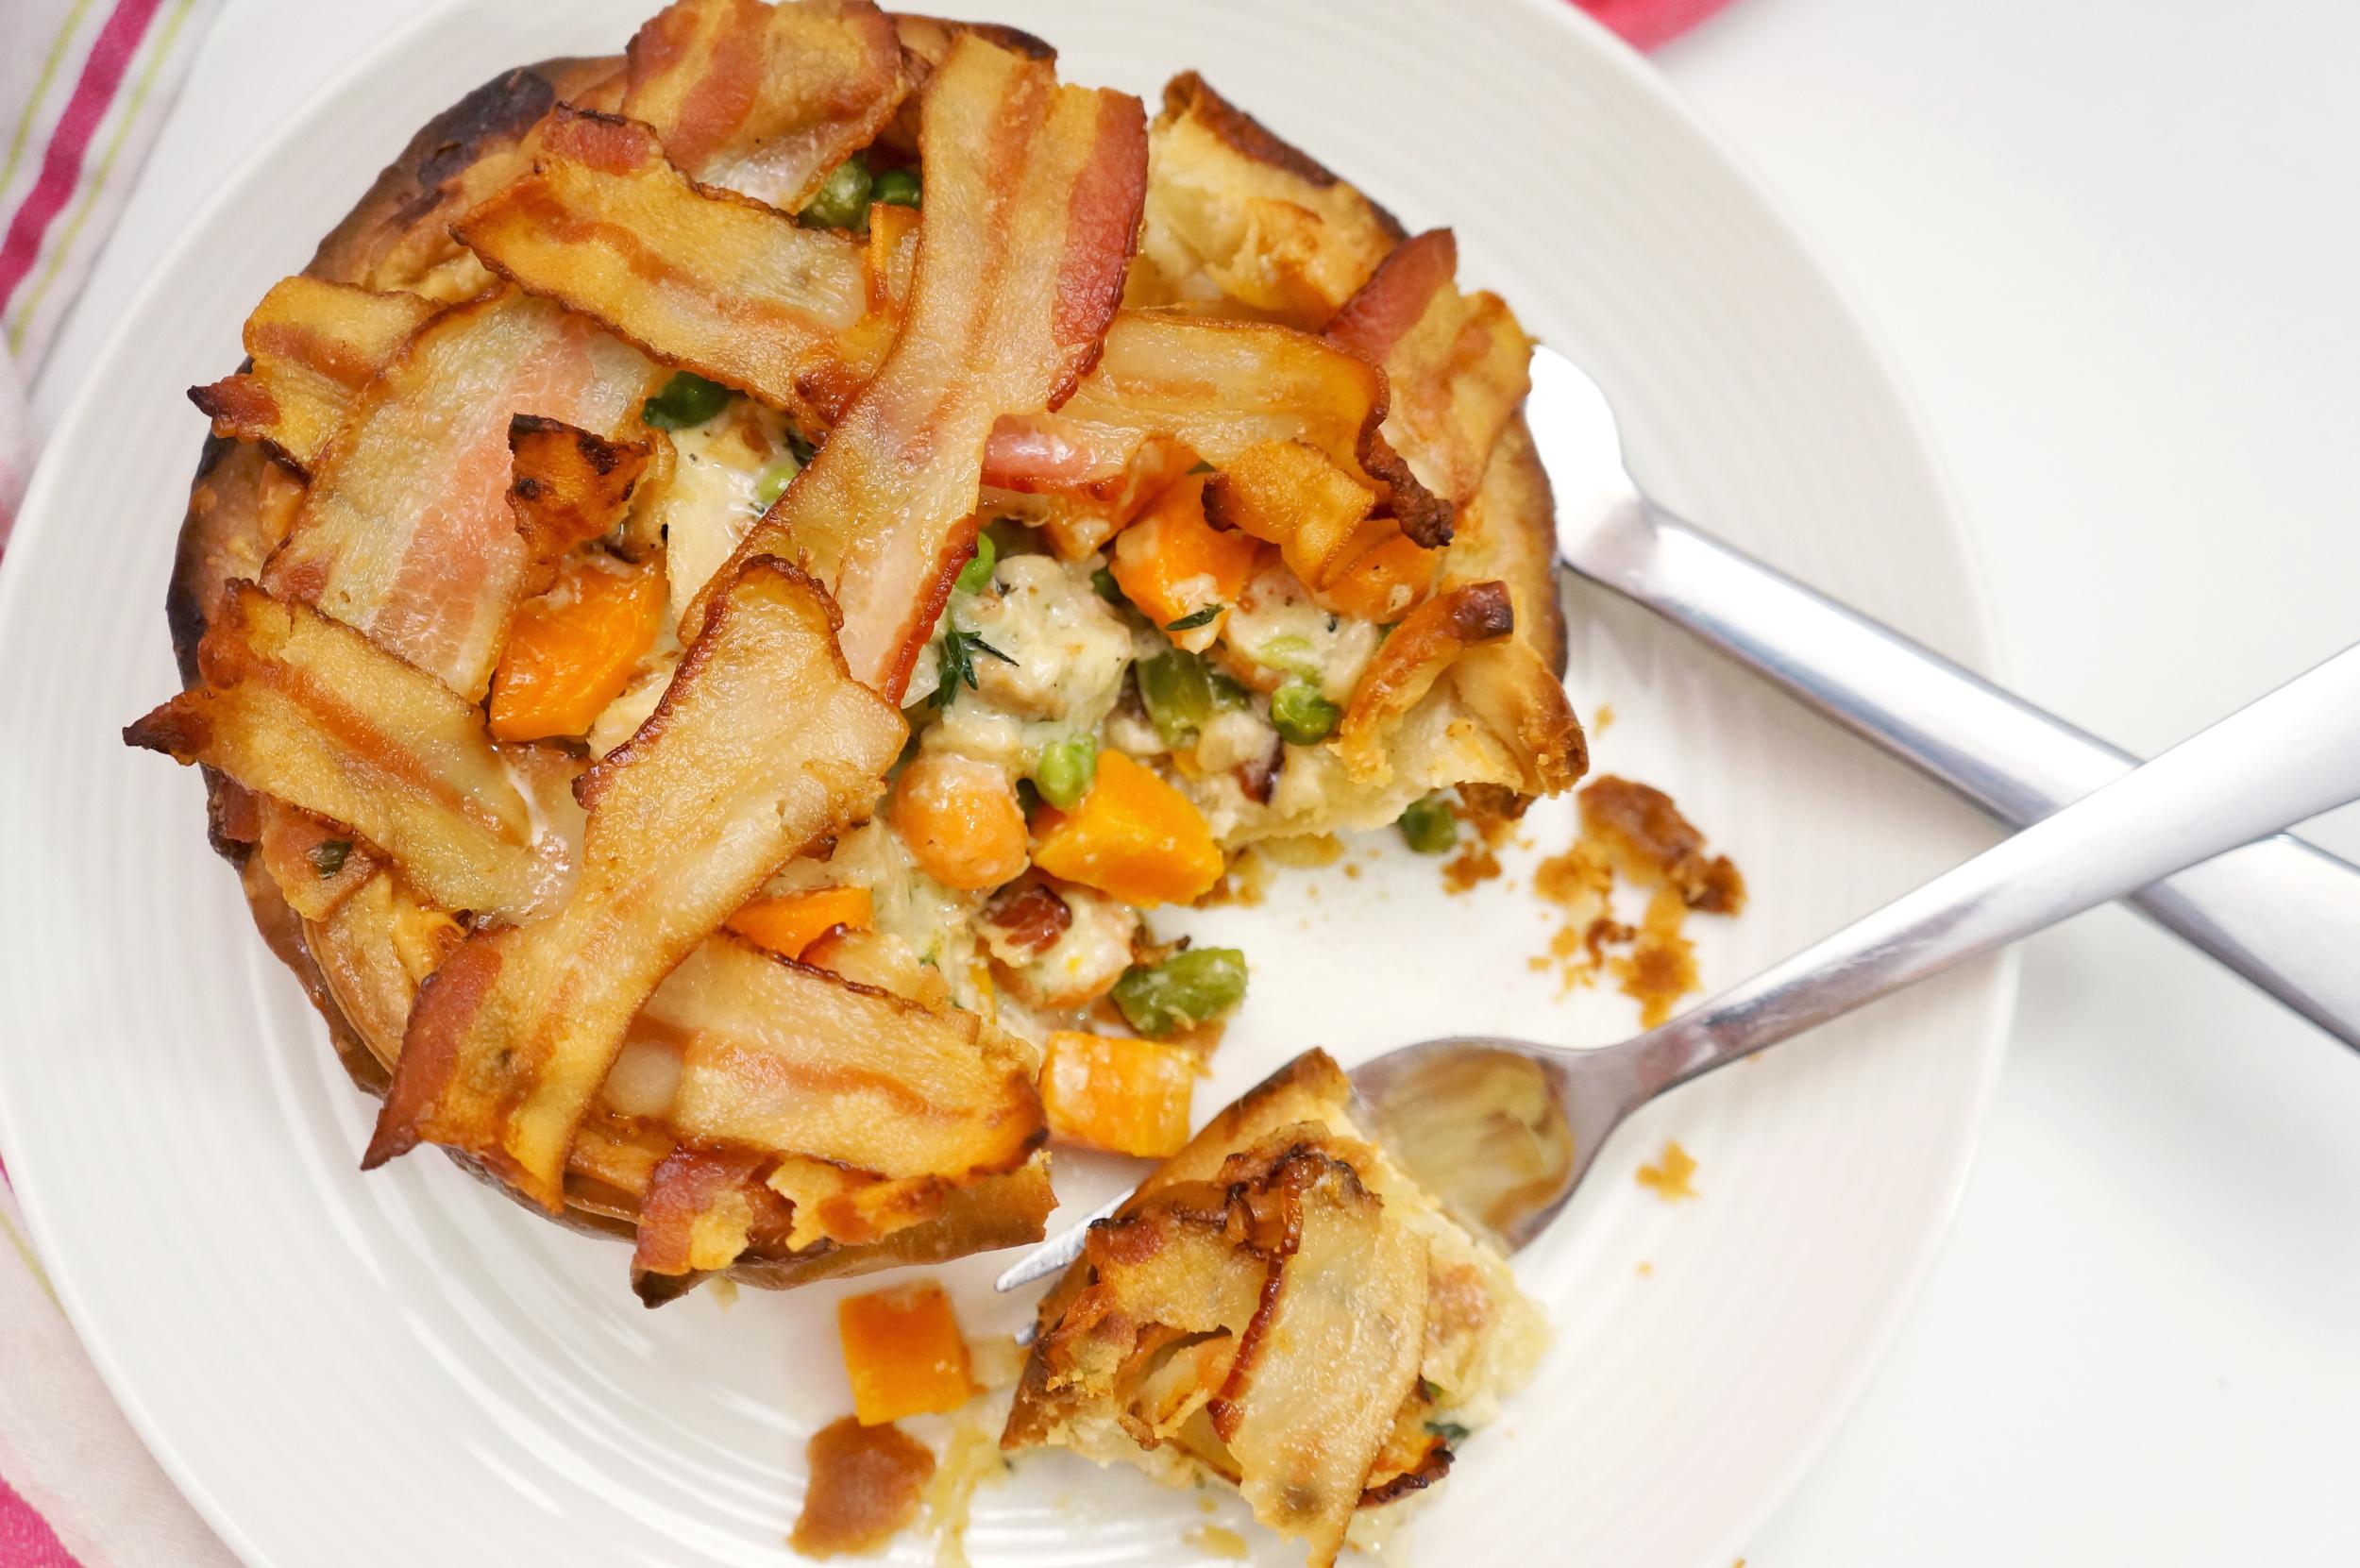 thegirlcaneat-chicken-pot-pie-bacon-lattice-crust-3